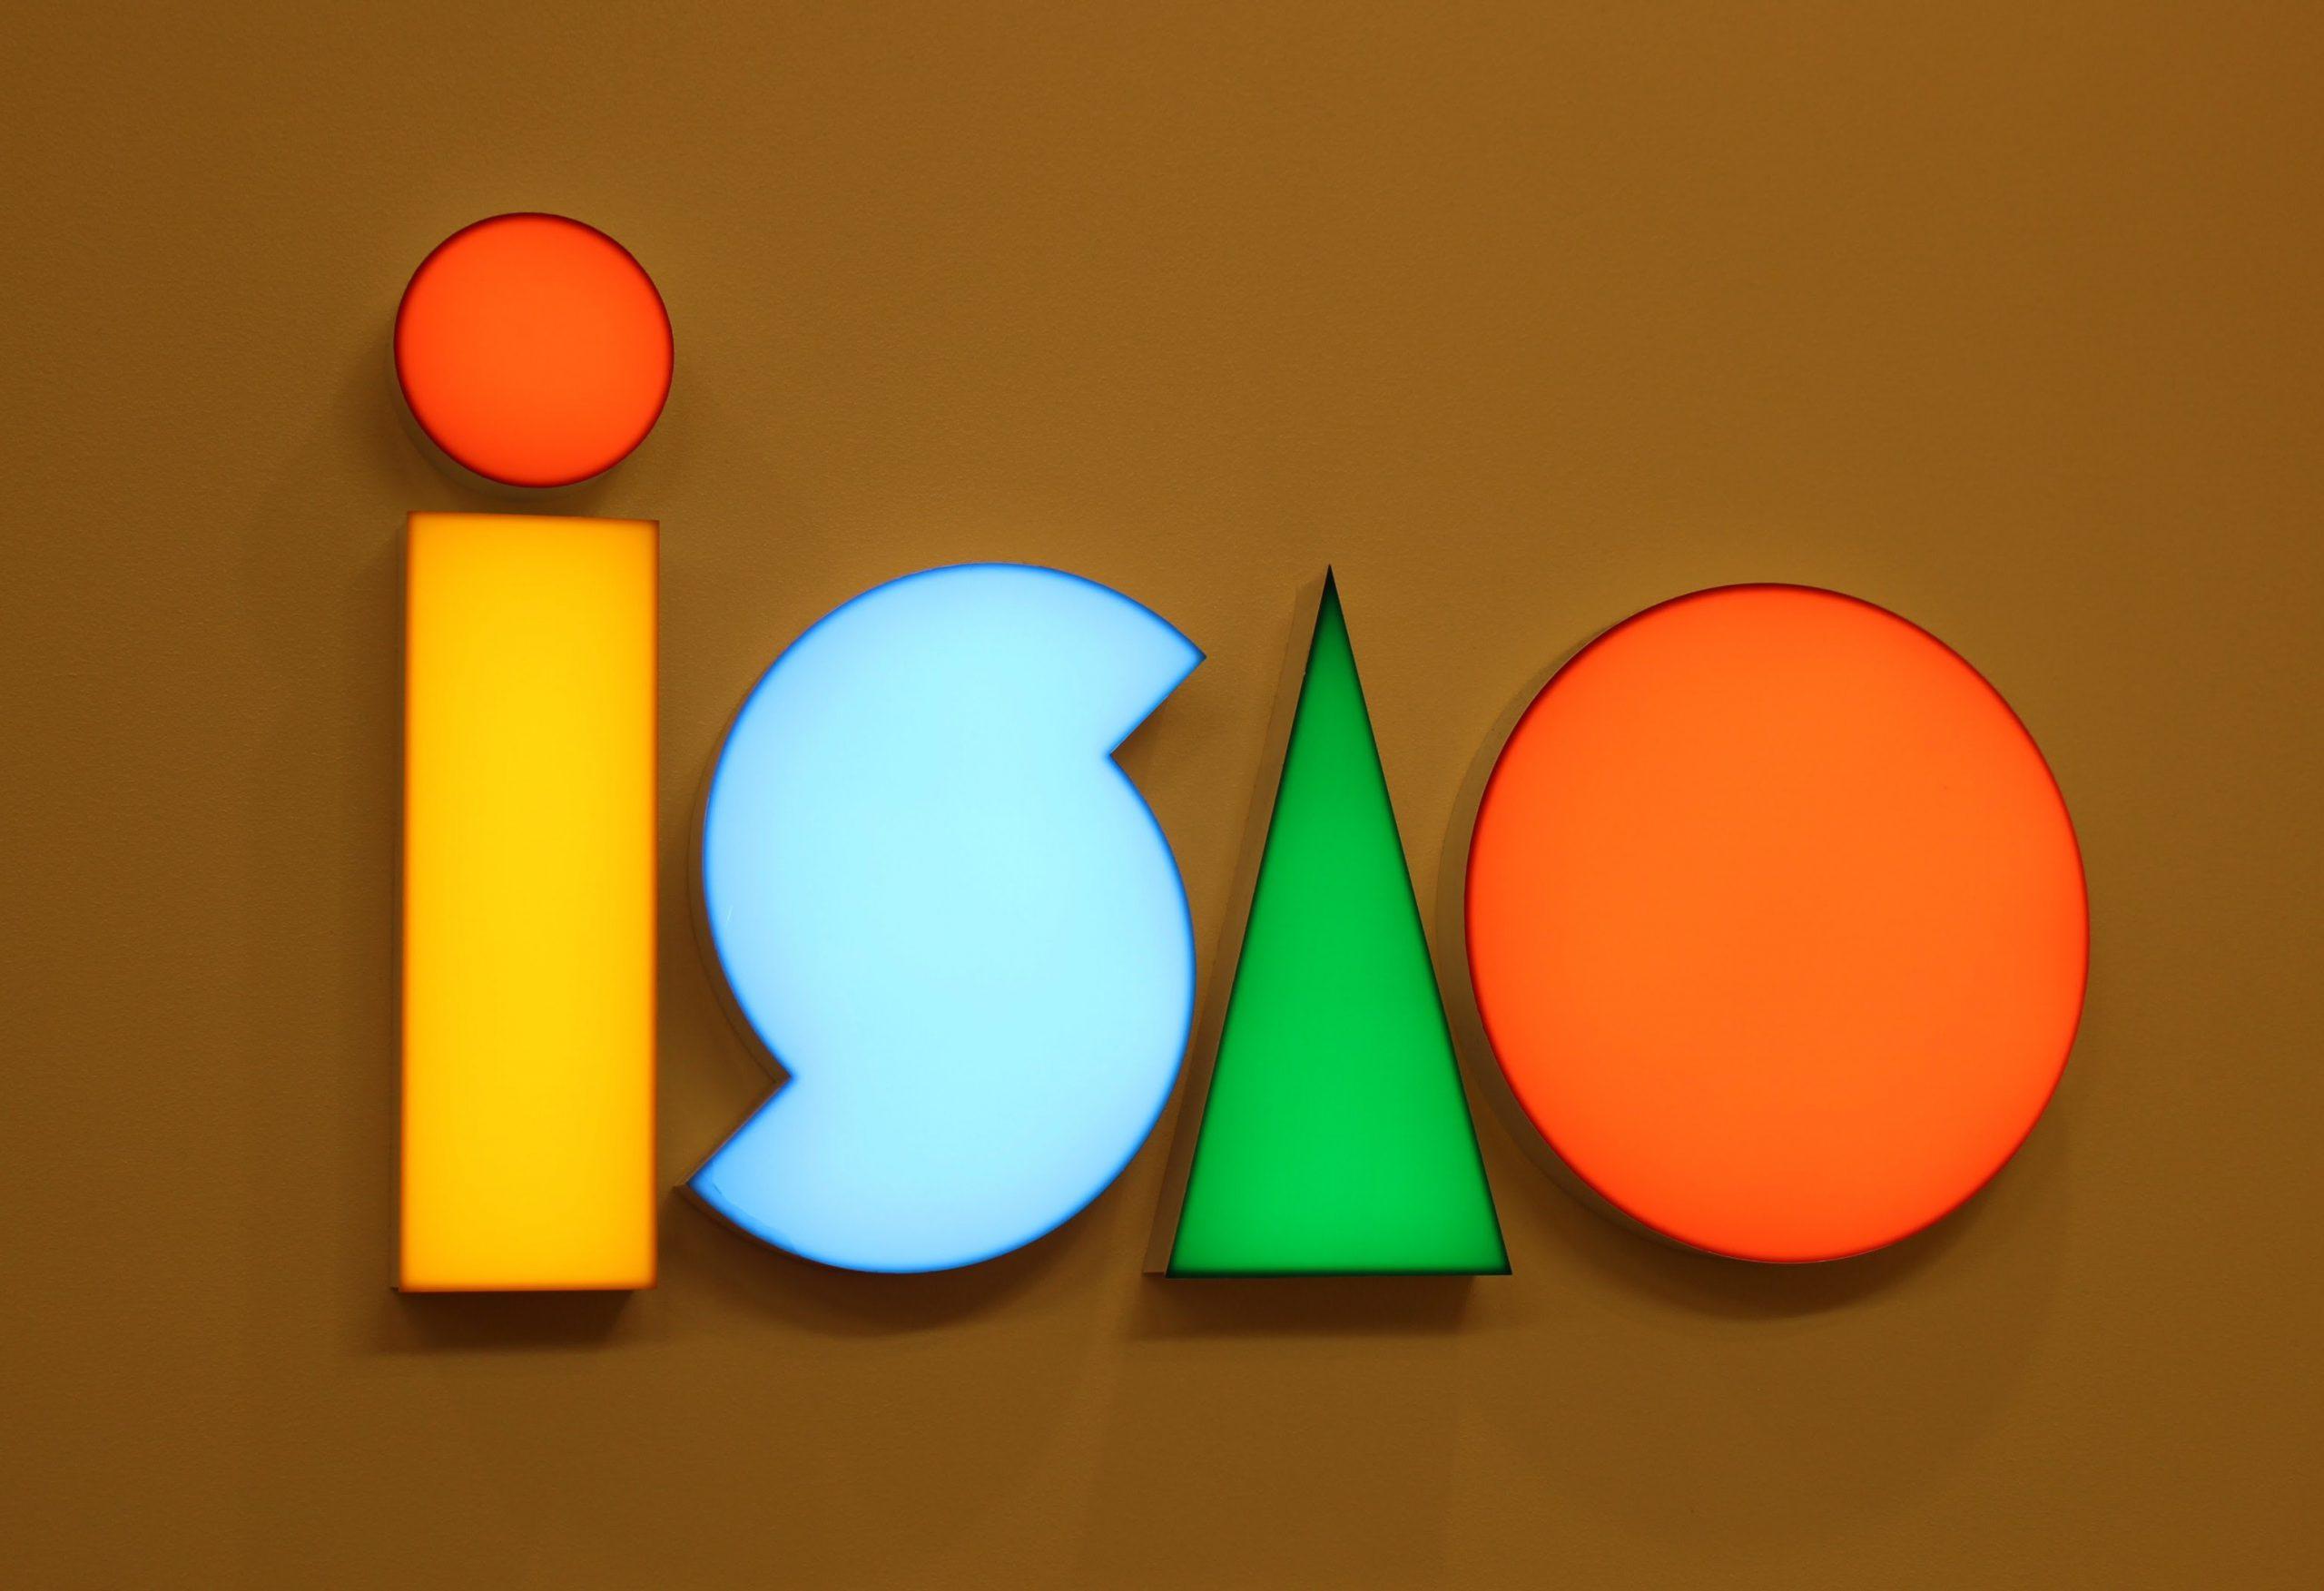 ISAOさん主催のスマートスピーカー&VUIイベントに参加しました!